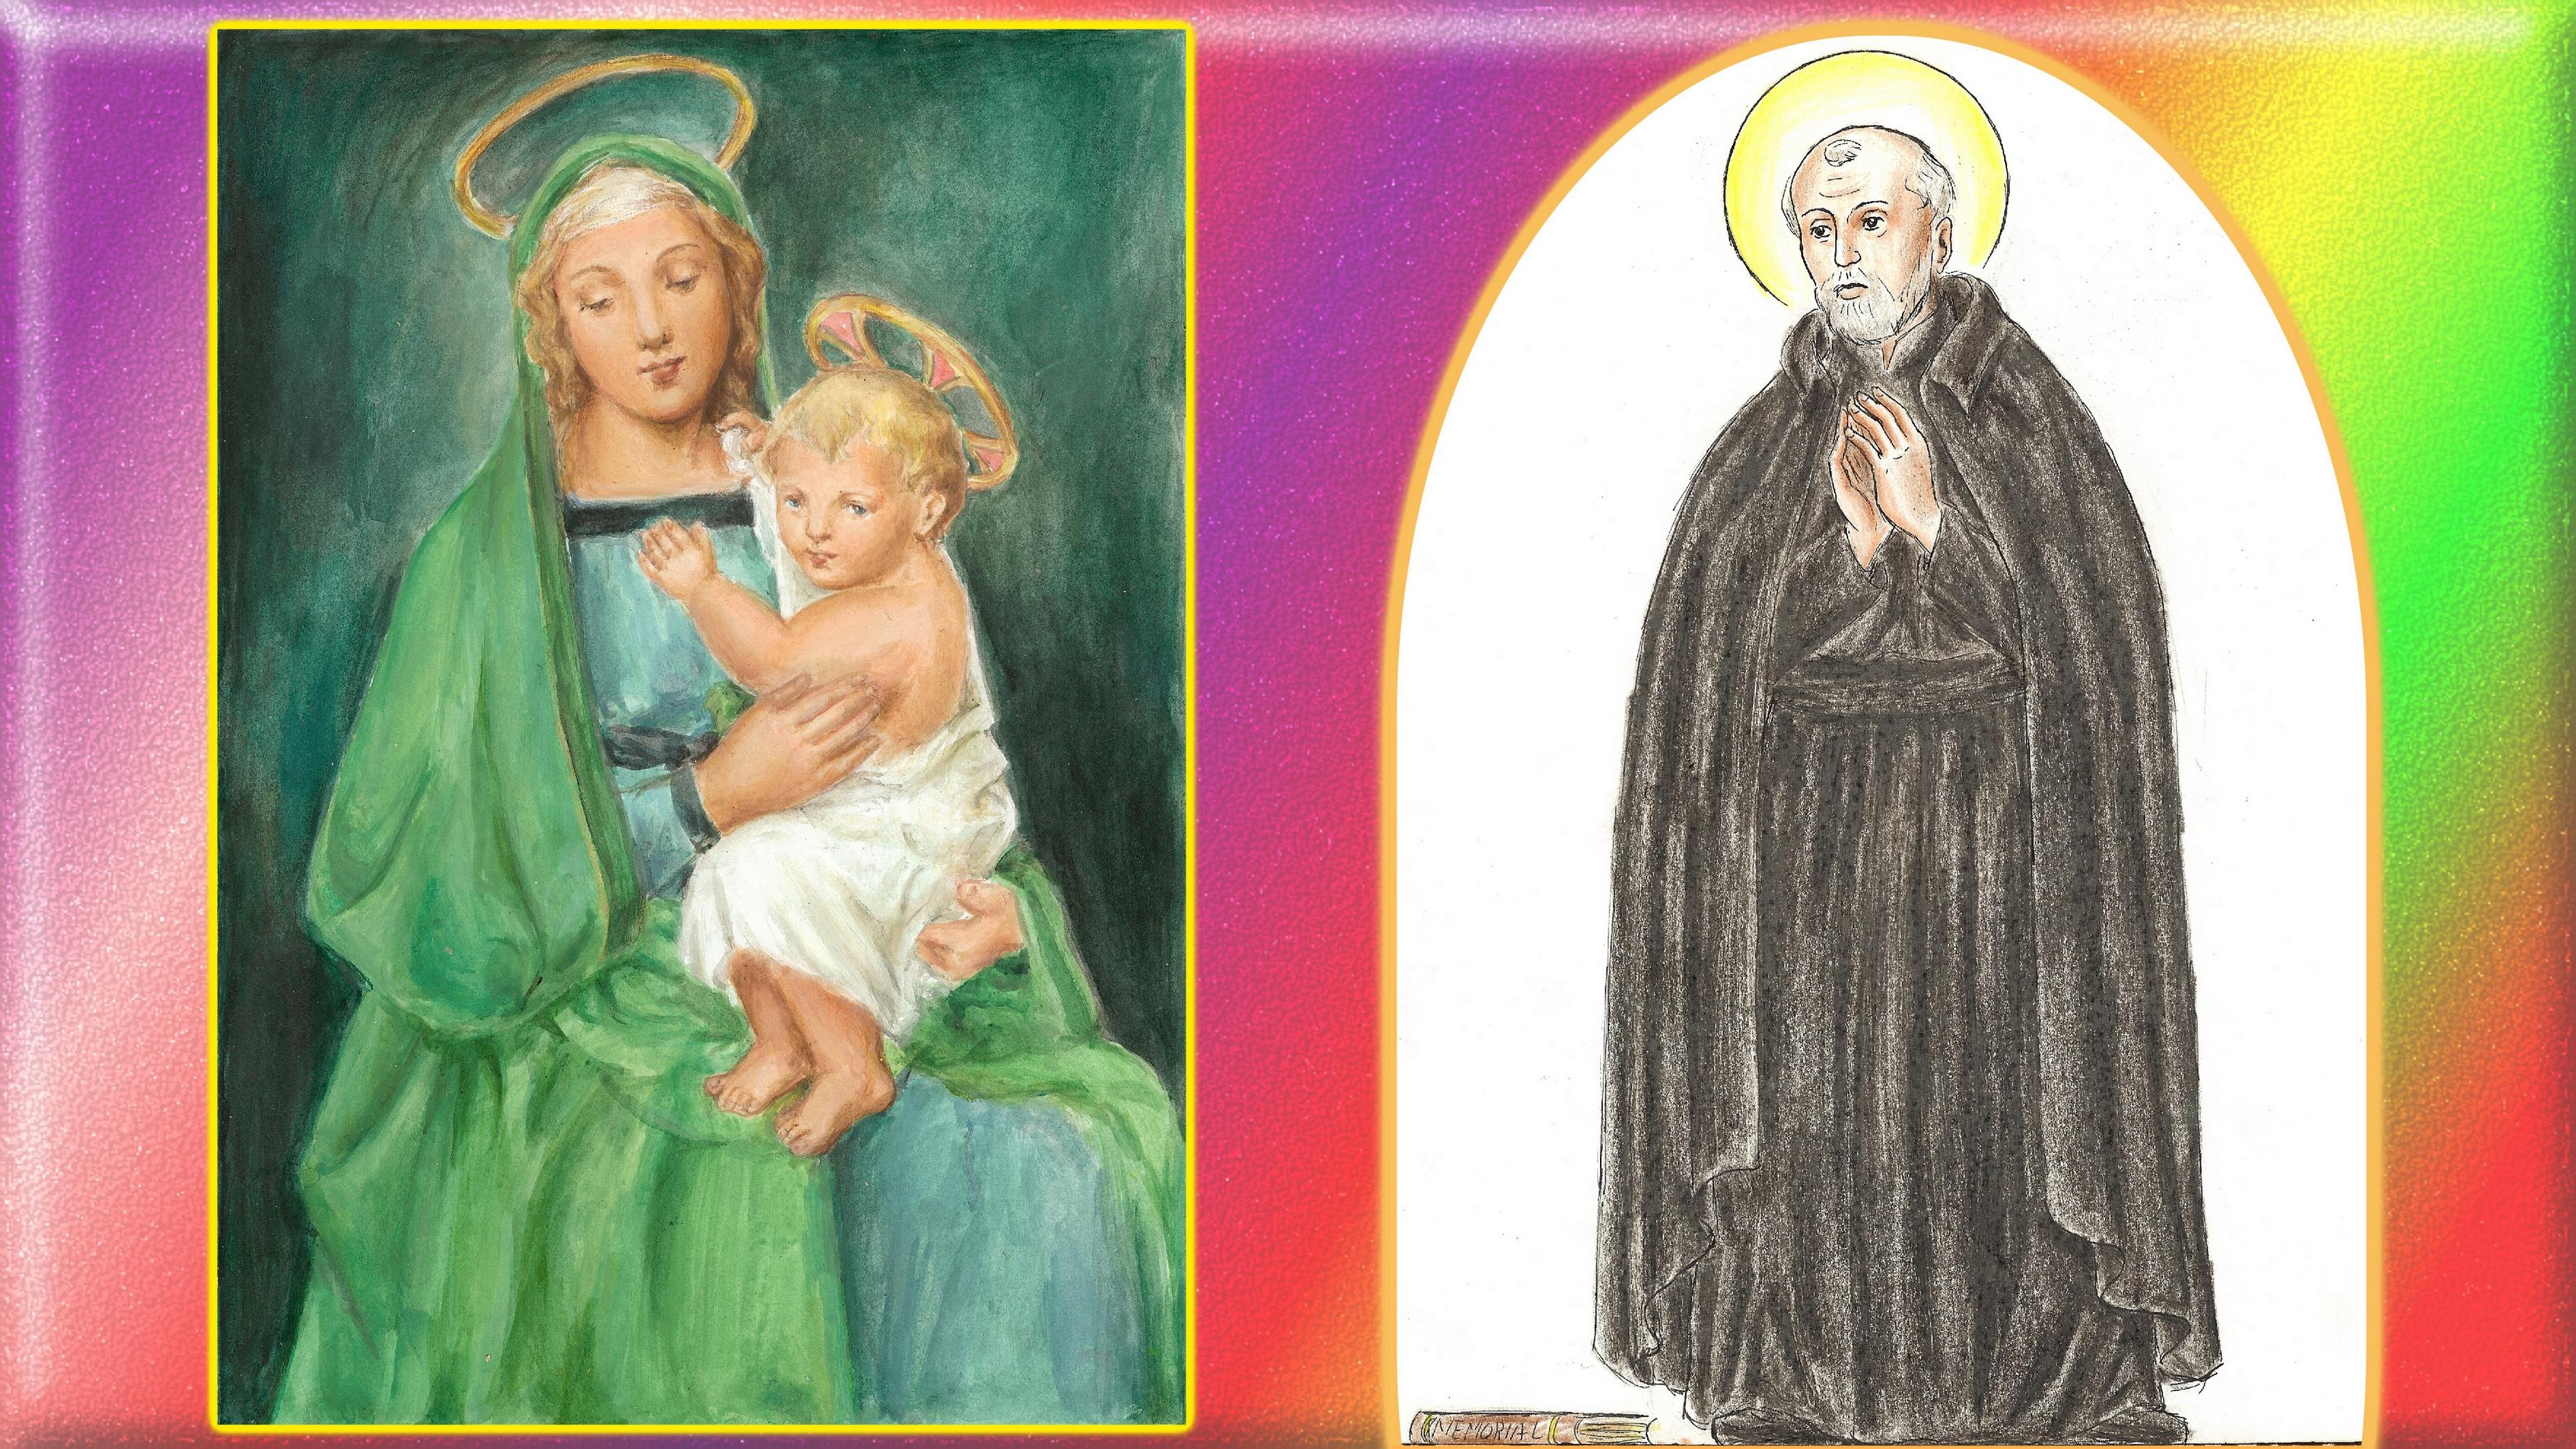 CALENDRIER CATHOLIQUE 2019 (Cantiques, Prières & Images) - Page 13 St-alphonse-rodri...nt-j-sus-56b7da1